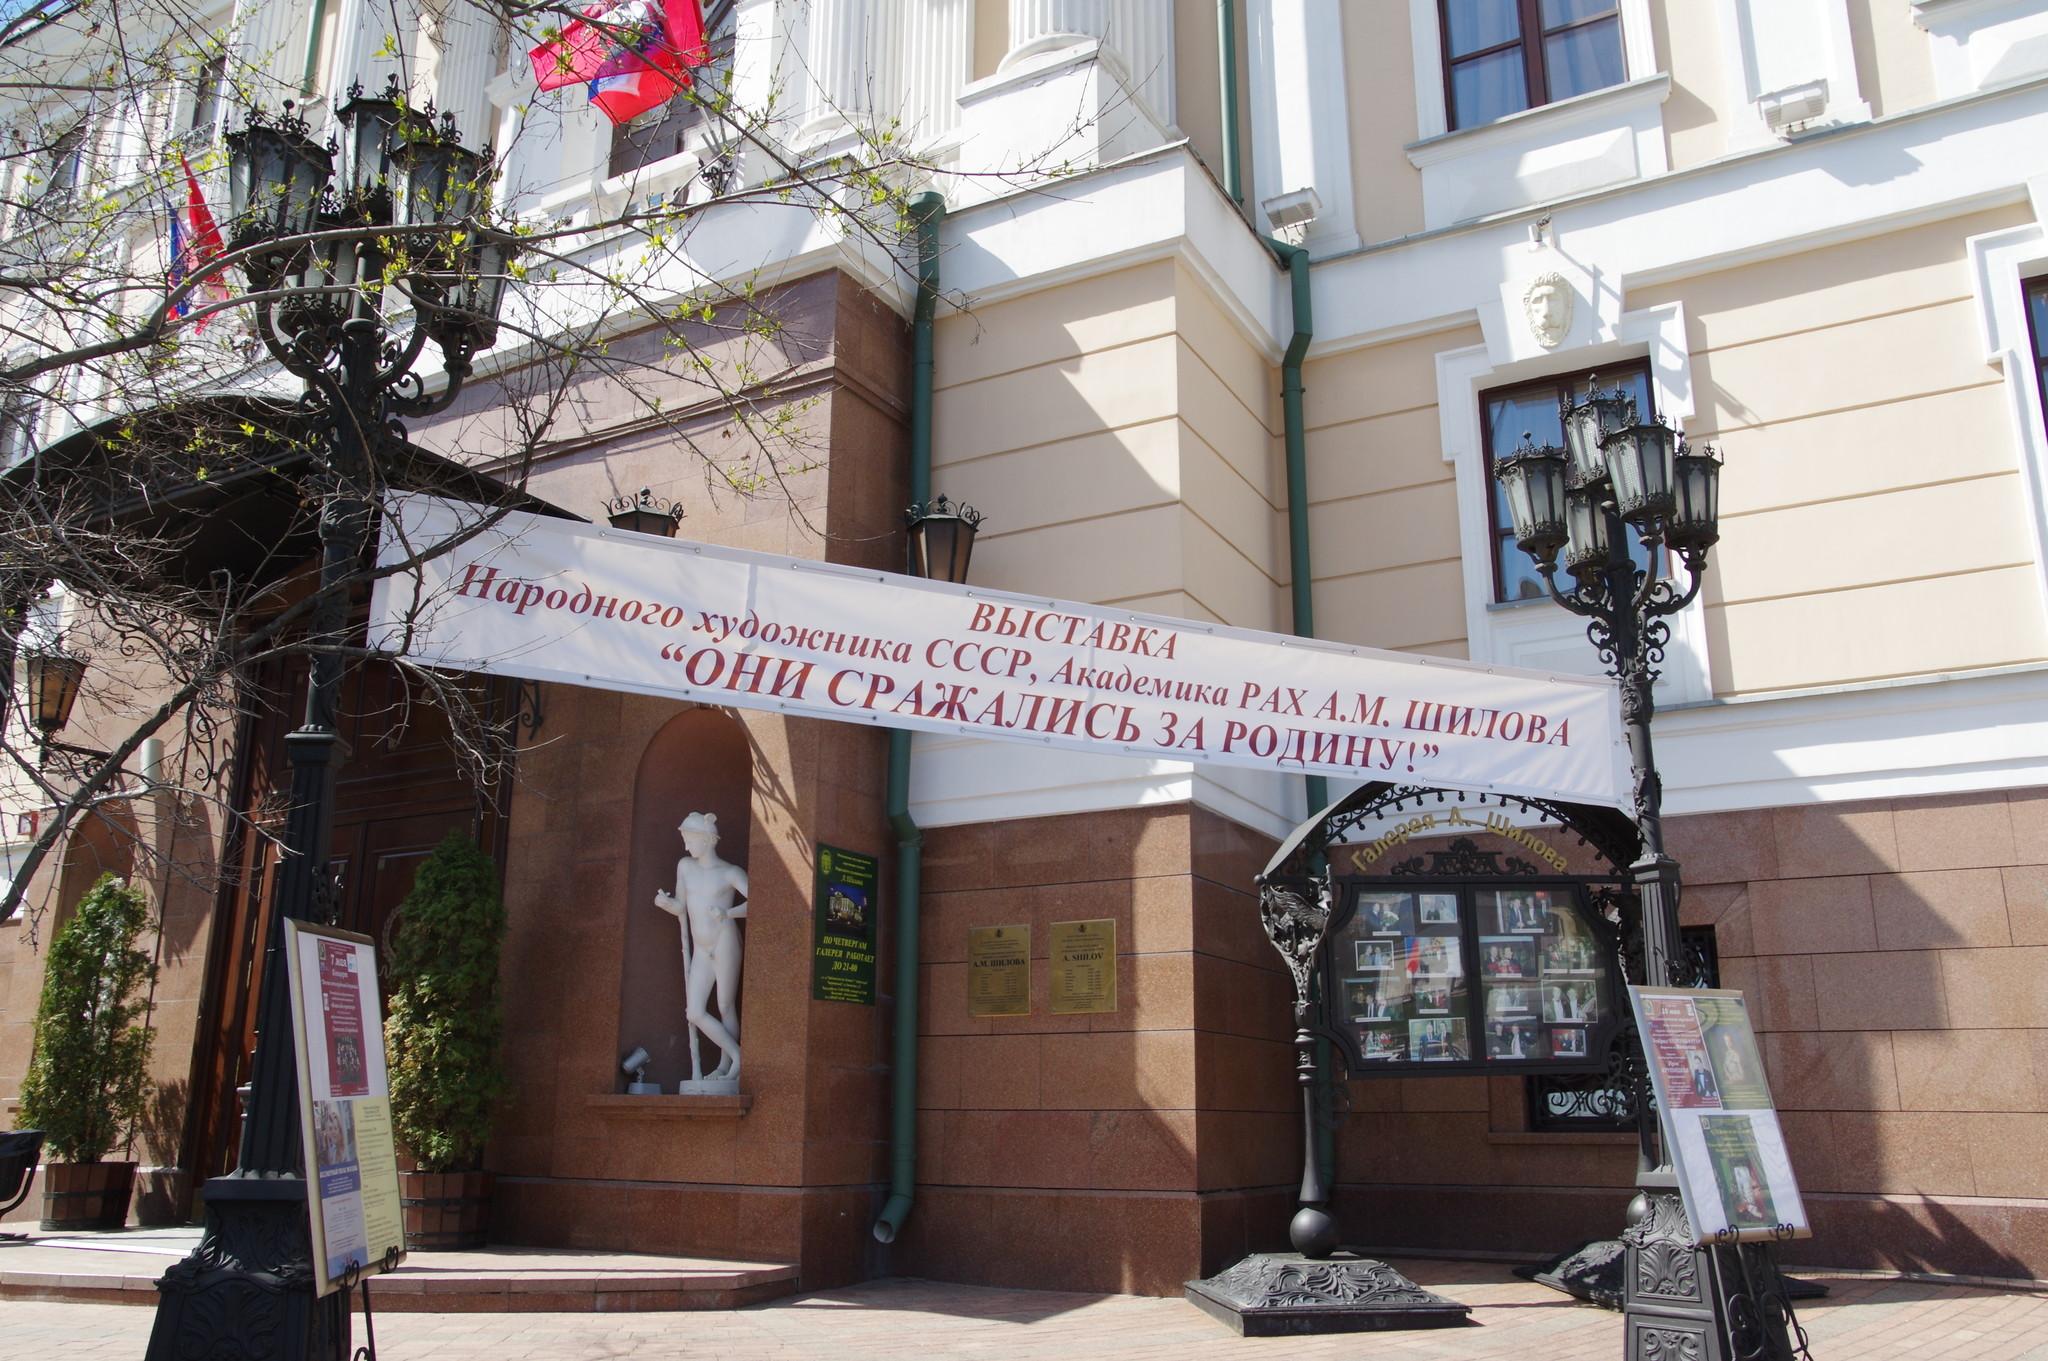 Выставка «Они сражались за Родину!» в Московской государственной картинной галерее Александра Шилова